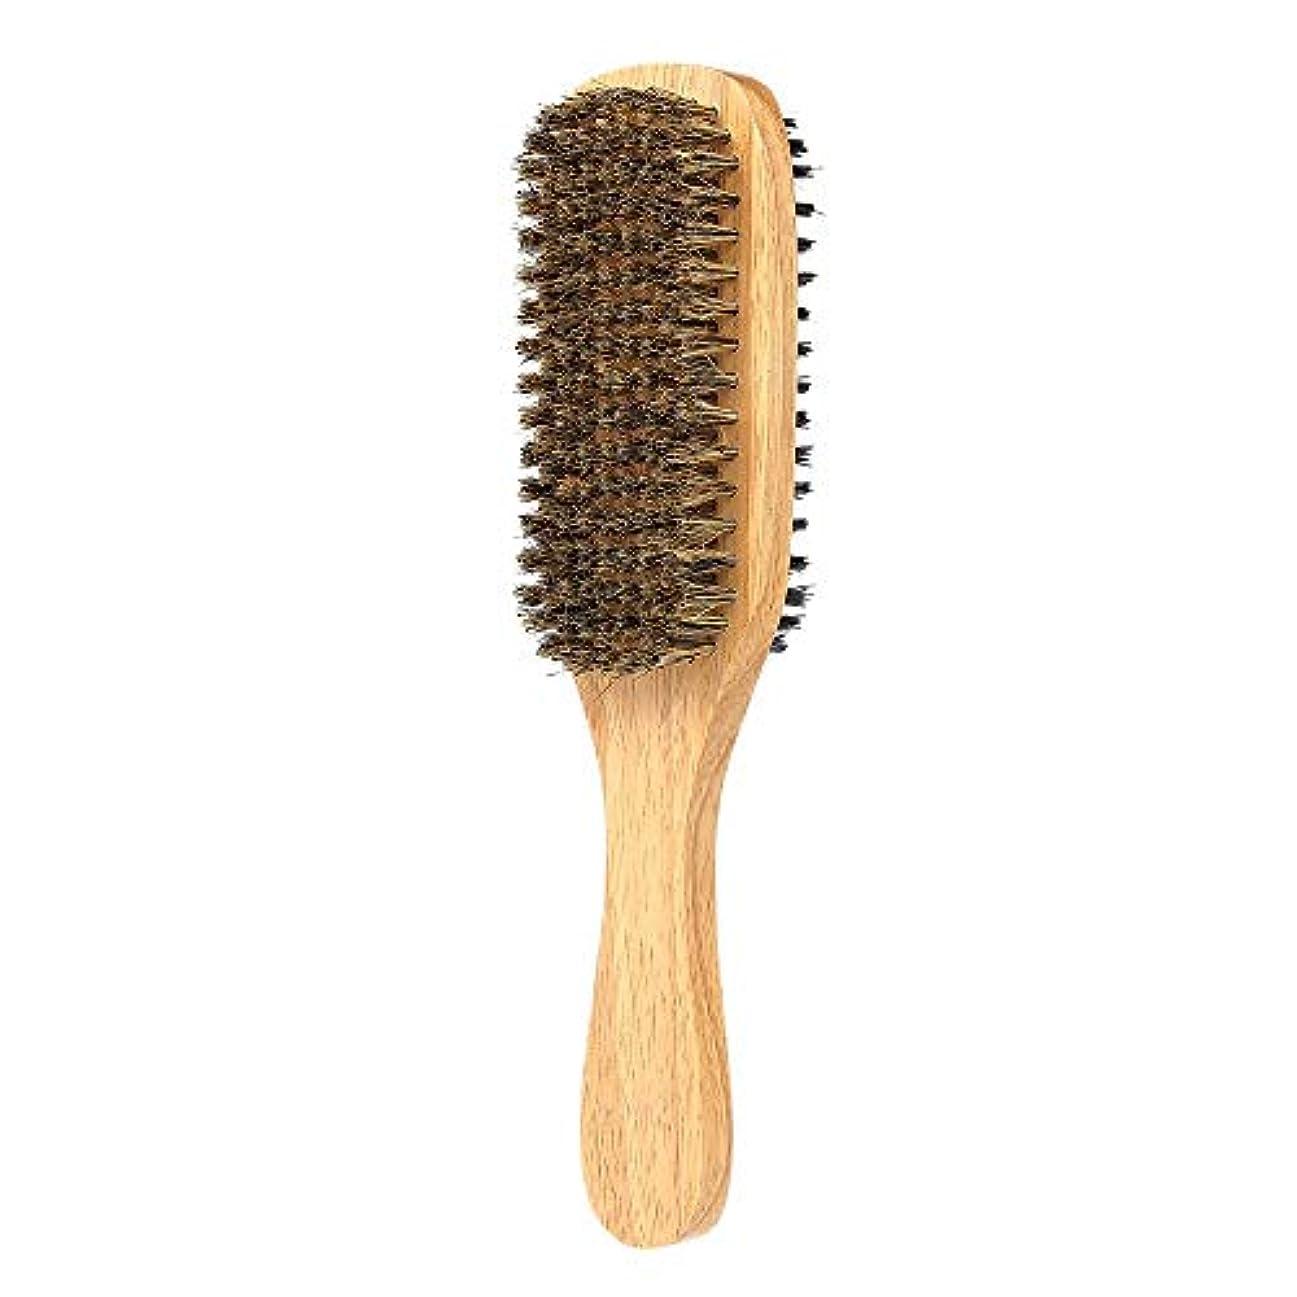 抑止するマリン相反するあごひげケア 美容ツール 口ひげのブラシ 男の顔のケア ひげブラシ 顔マッサージャー ひげ剃りツール サロンツール 木材 両面 (Size : 3)